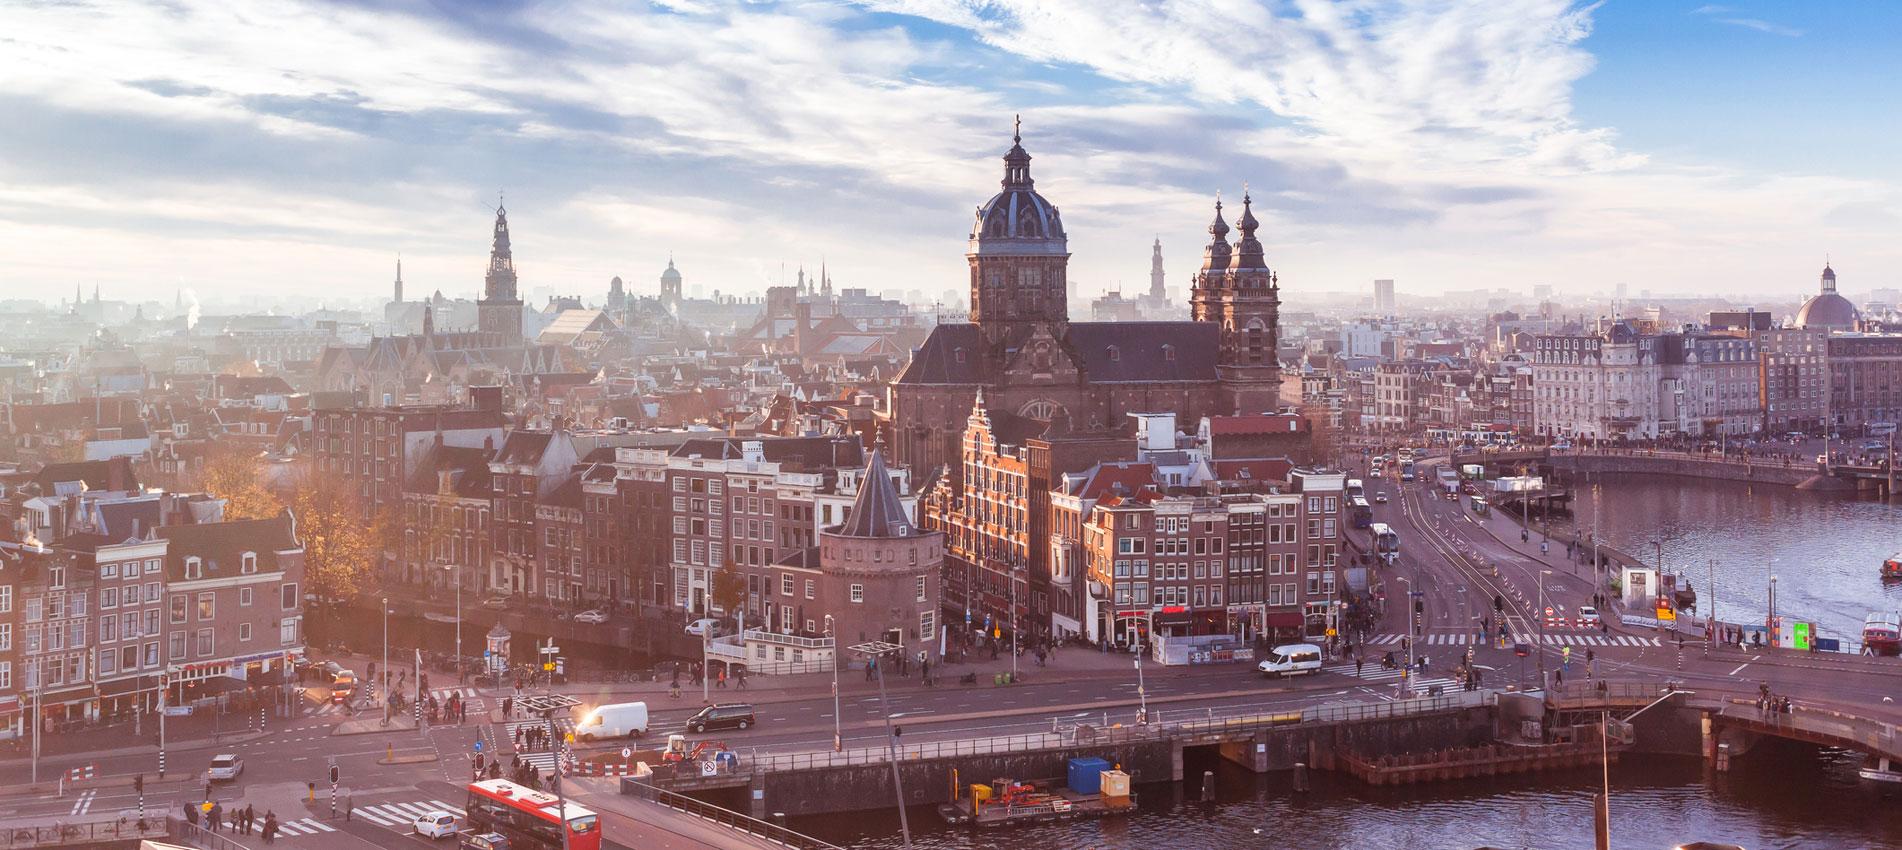 امستردام الساحرة - السياحة في هولندا - شركة لنك ألدولية